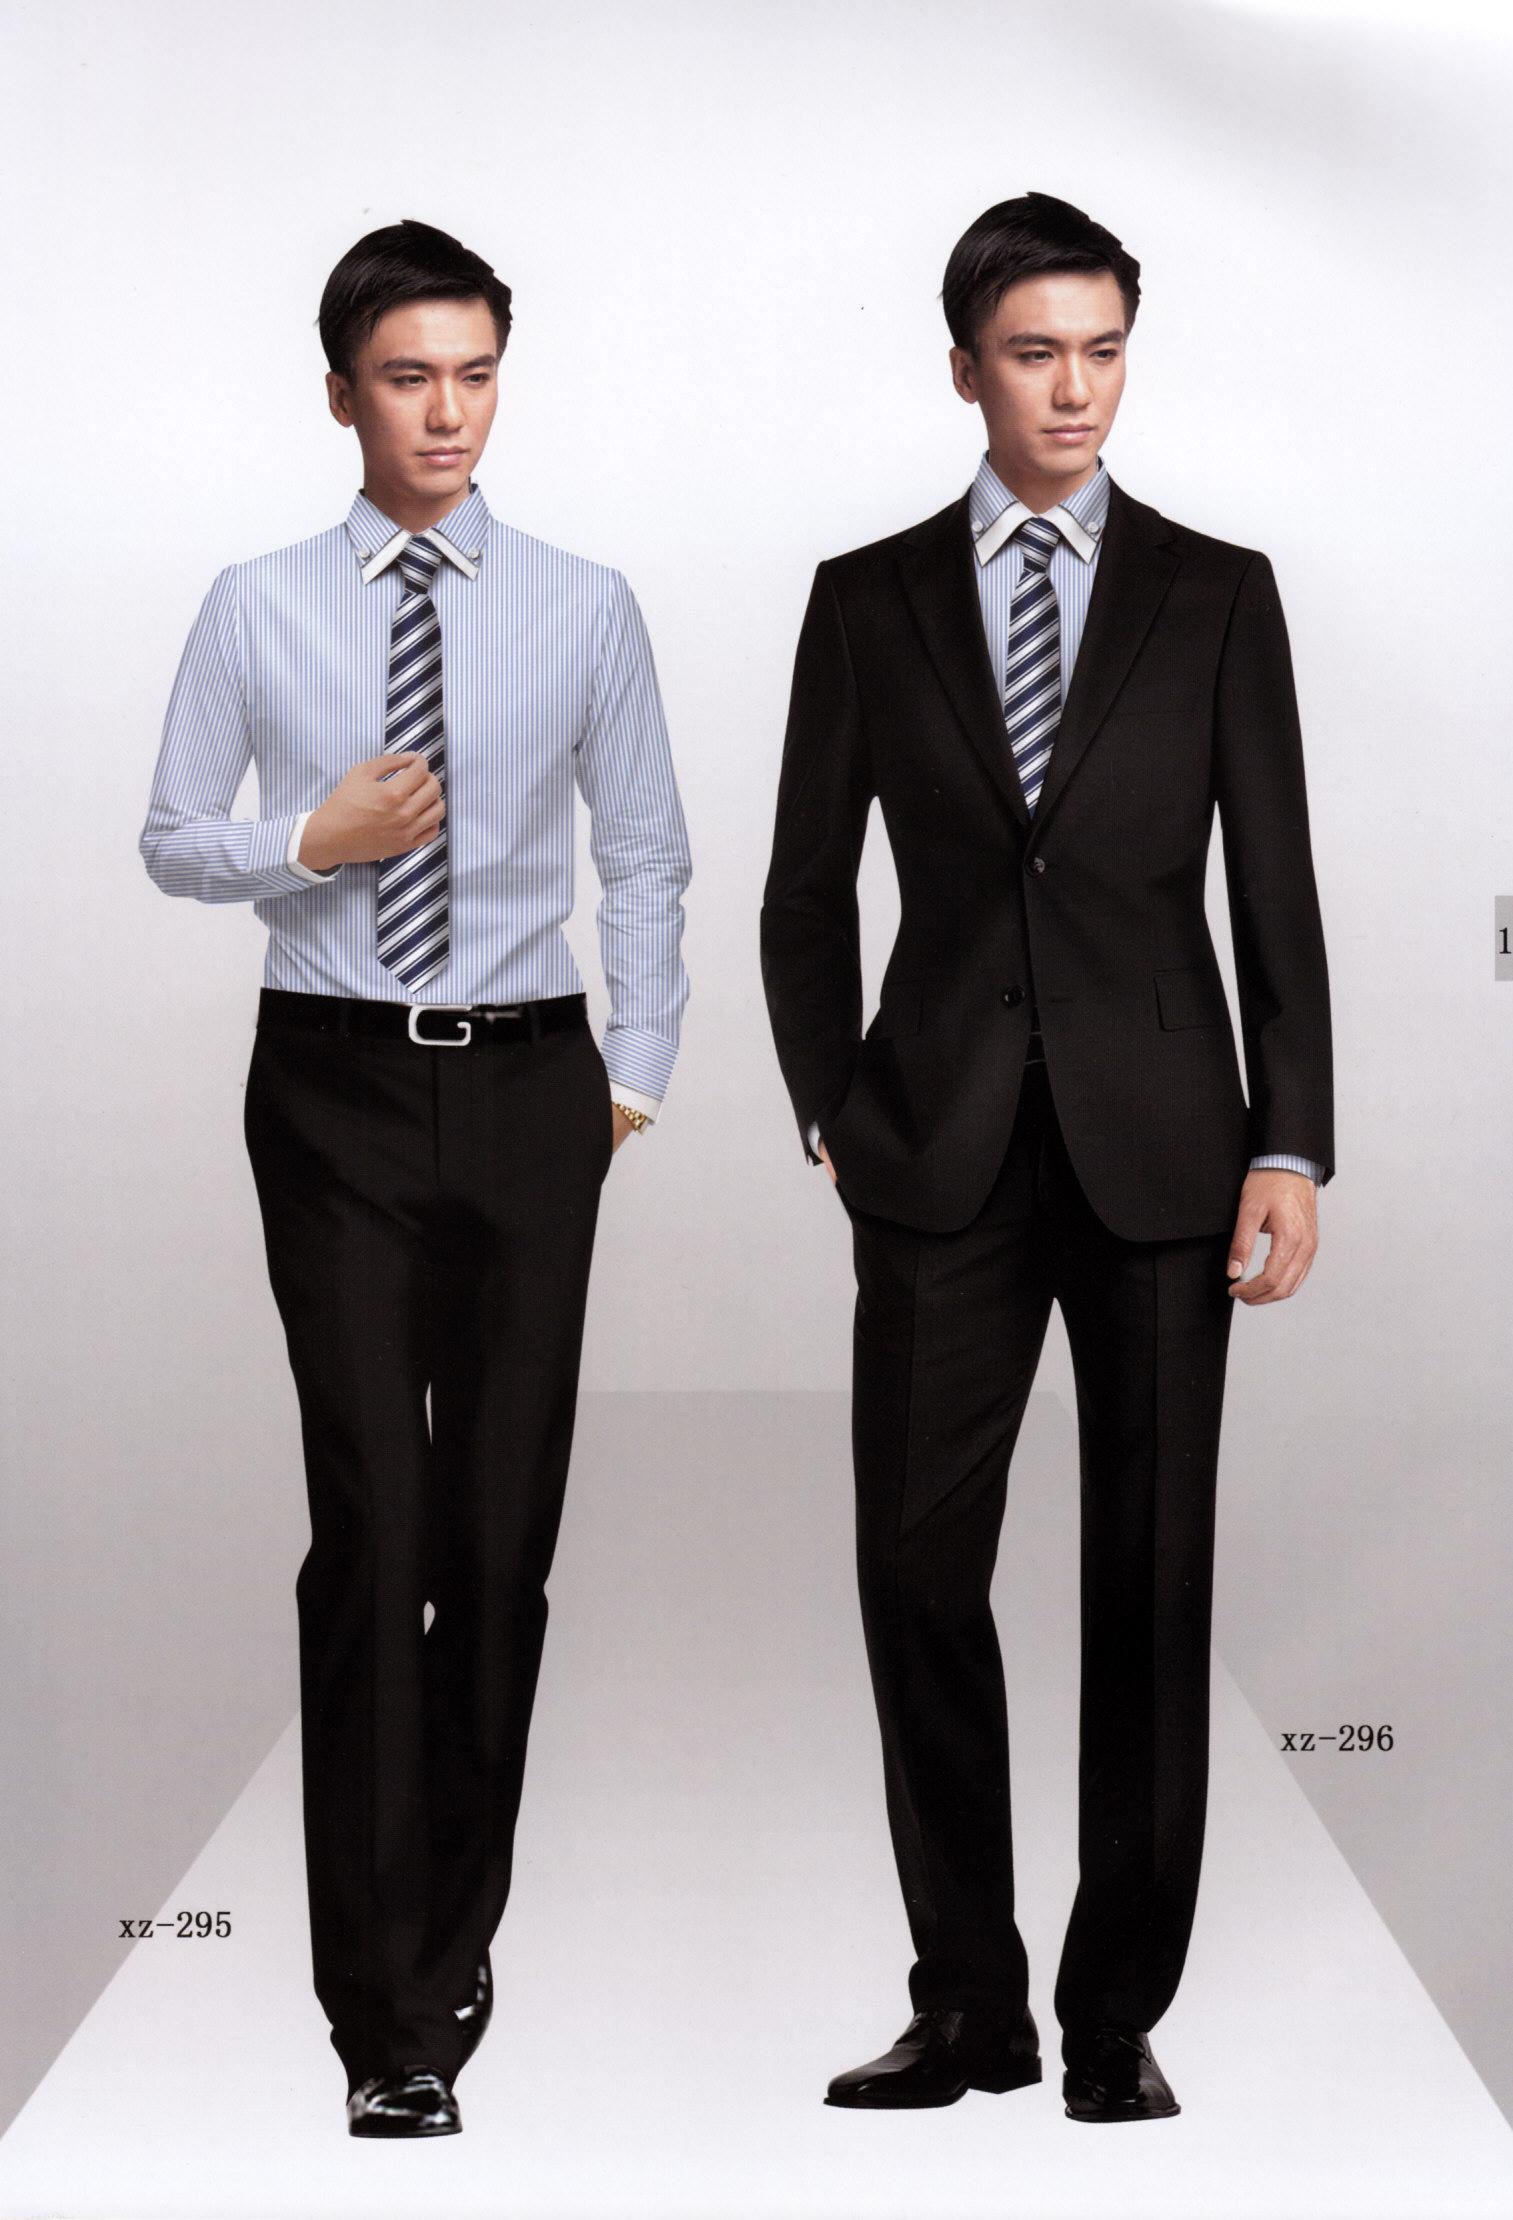 绵阳衬衣|衬衫定制|绵阳西服|西装定制推荐奕臣服饰